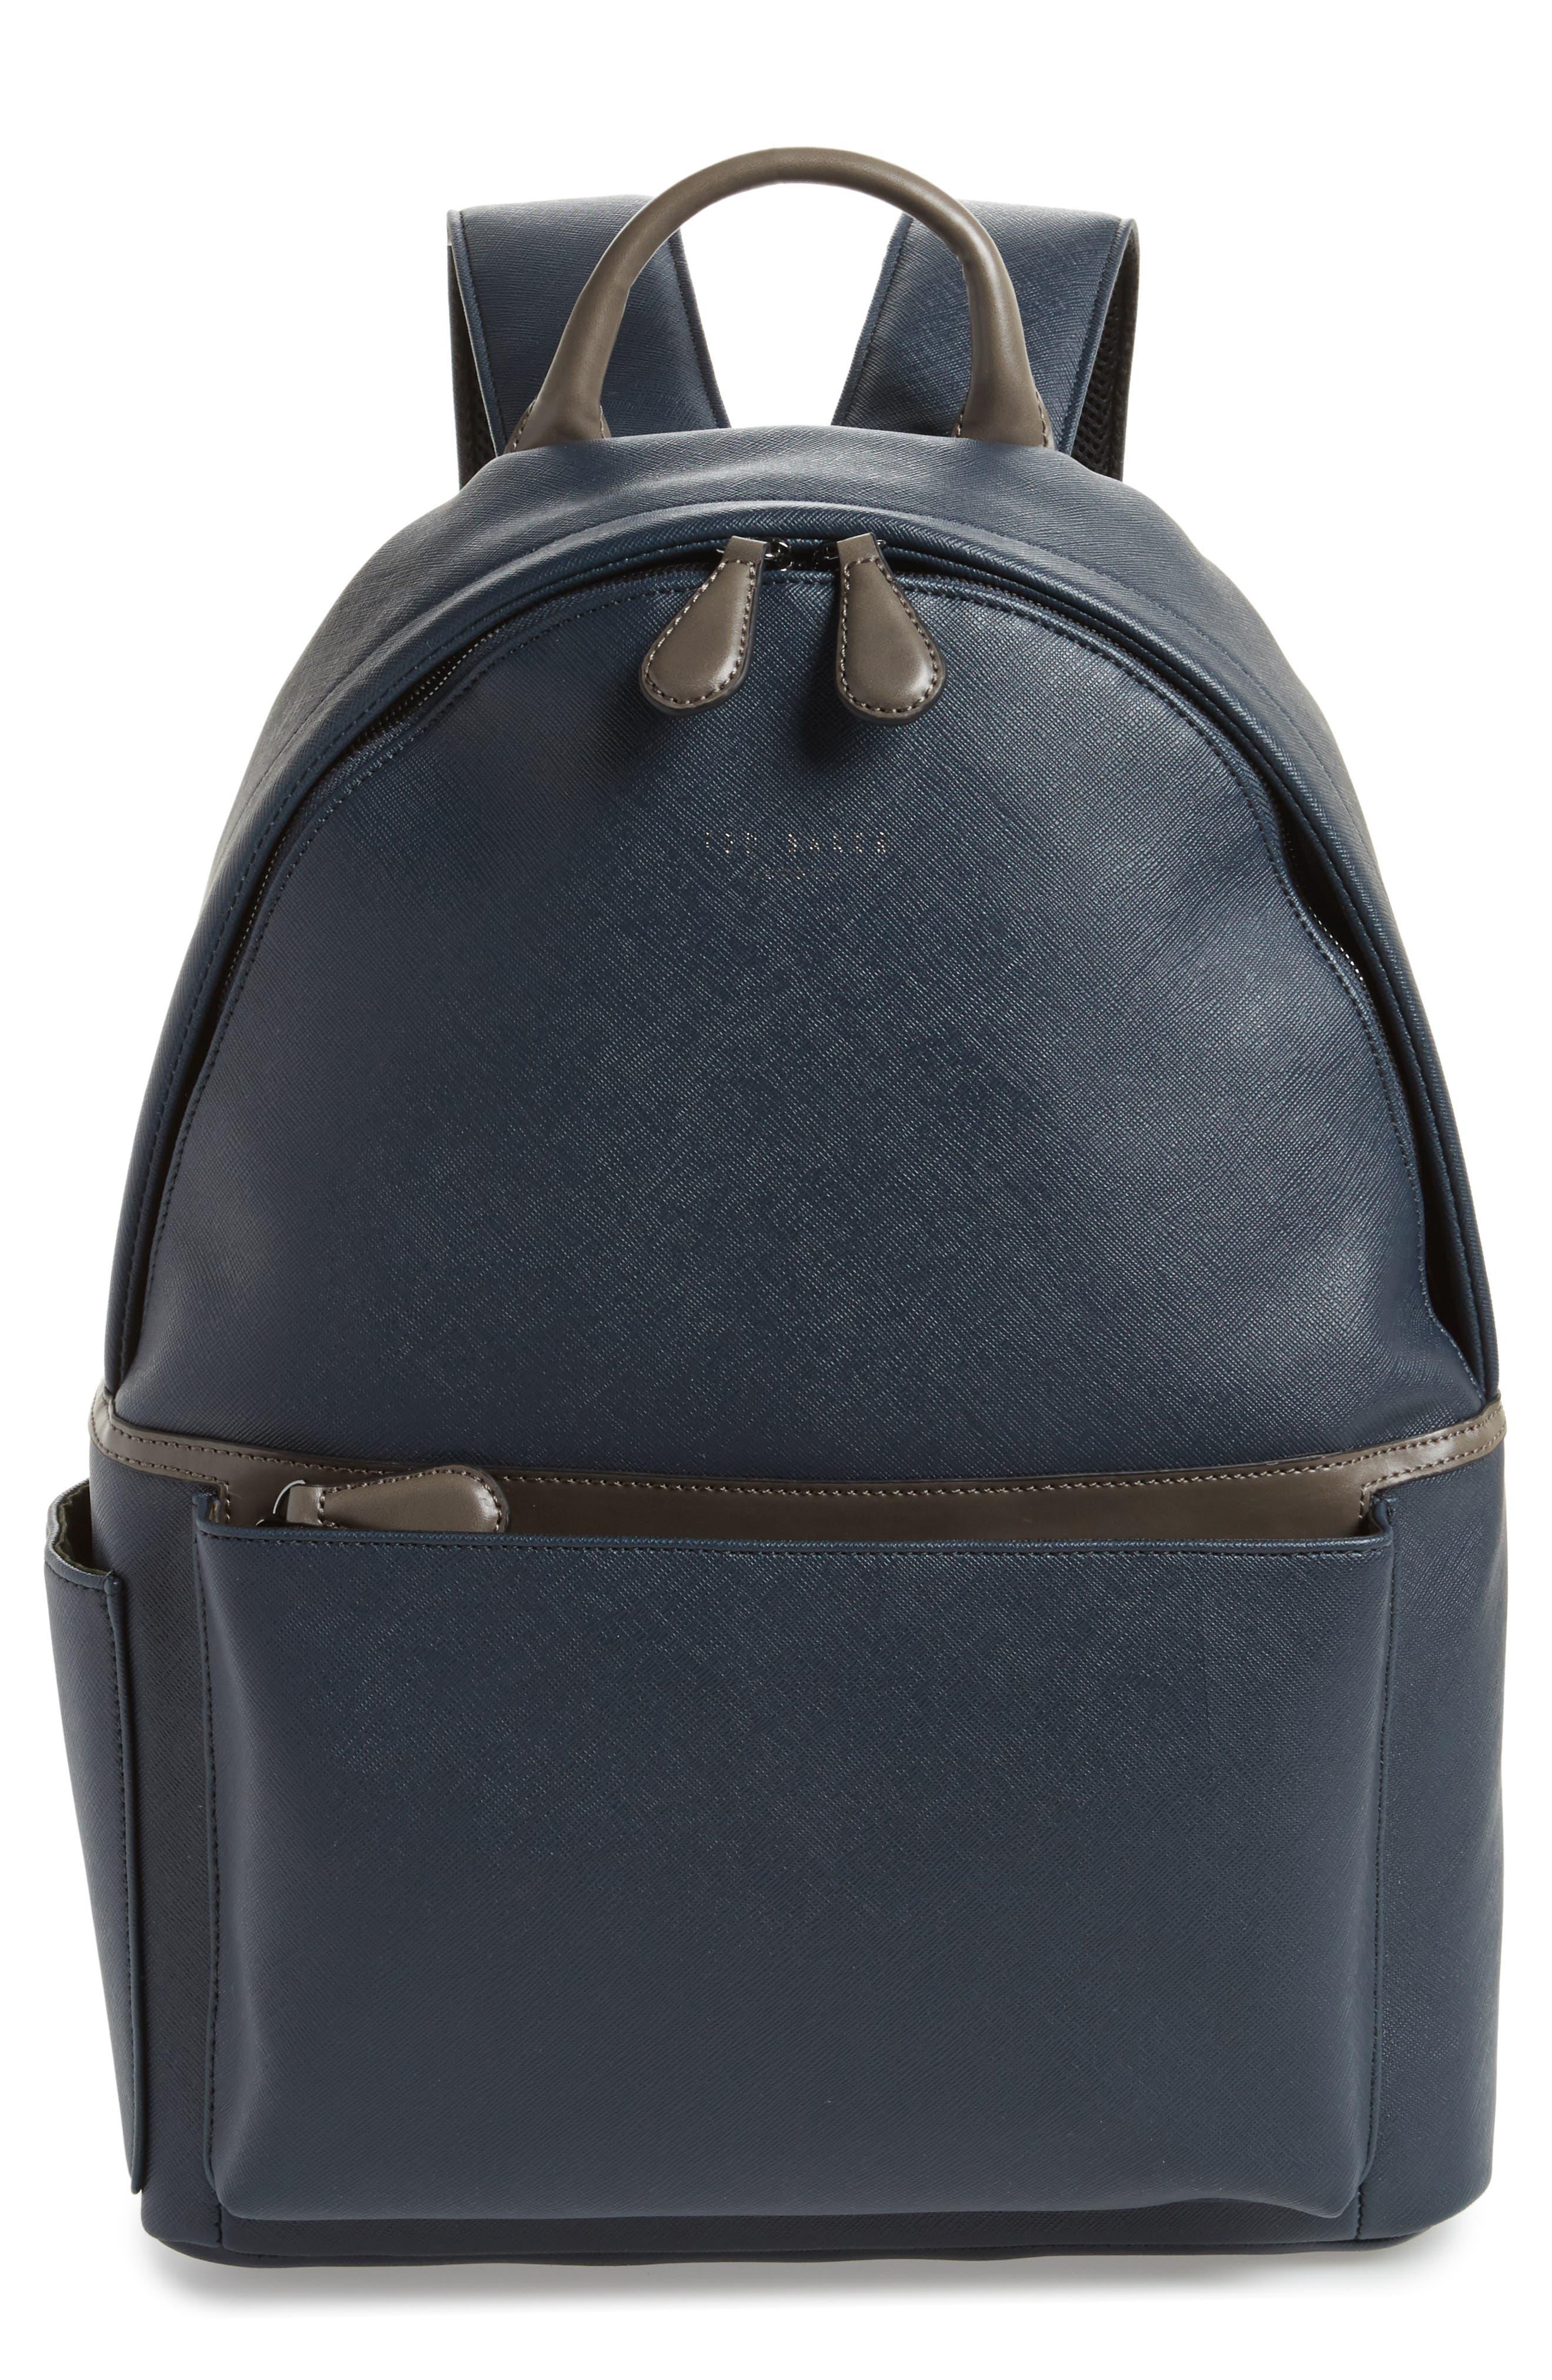 Baarley Backpack,                             Main thumbnail 1, color,                             Navy